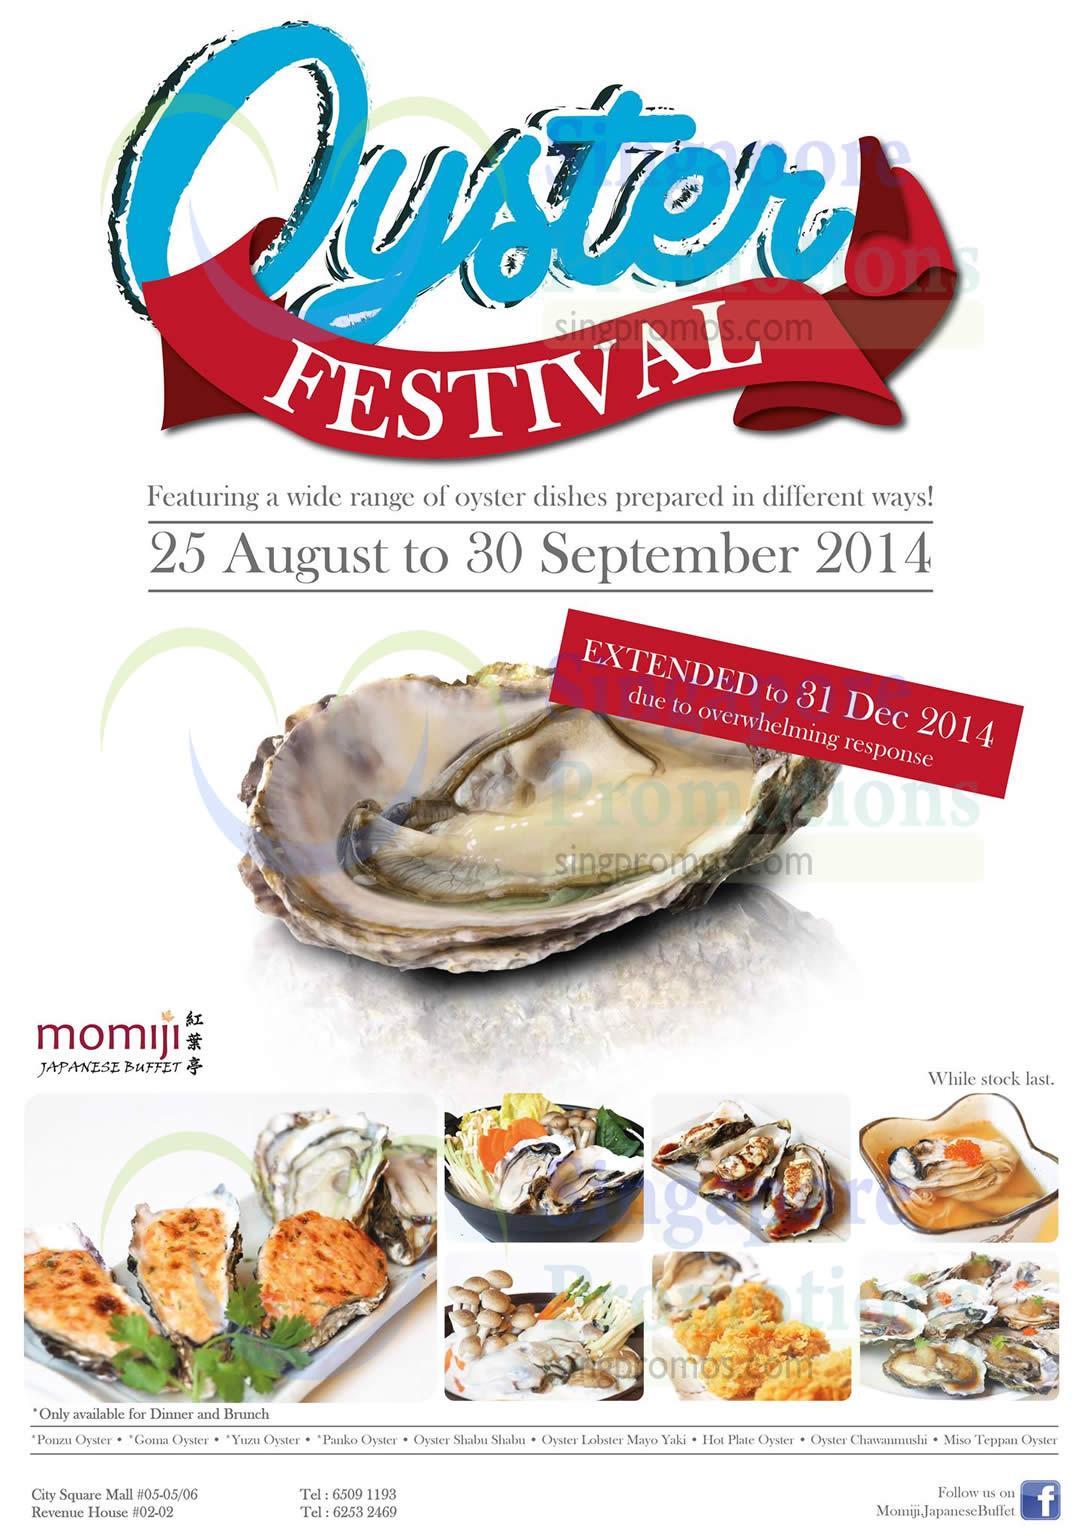 17 Oct Oyster Festival Extended Till 31 Dec